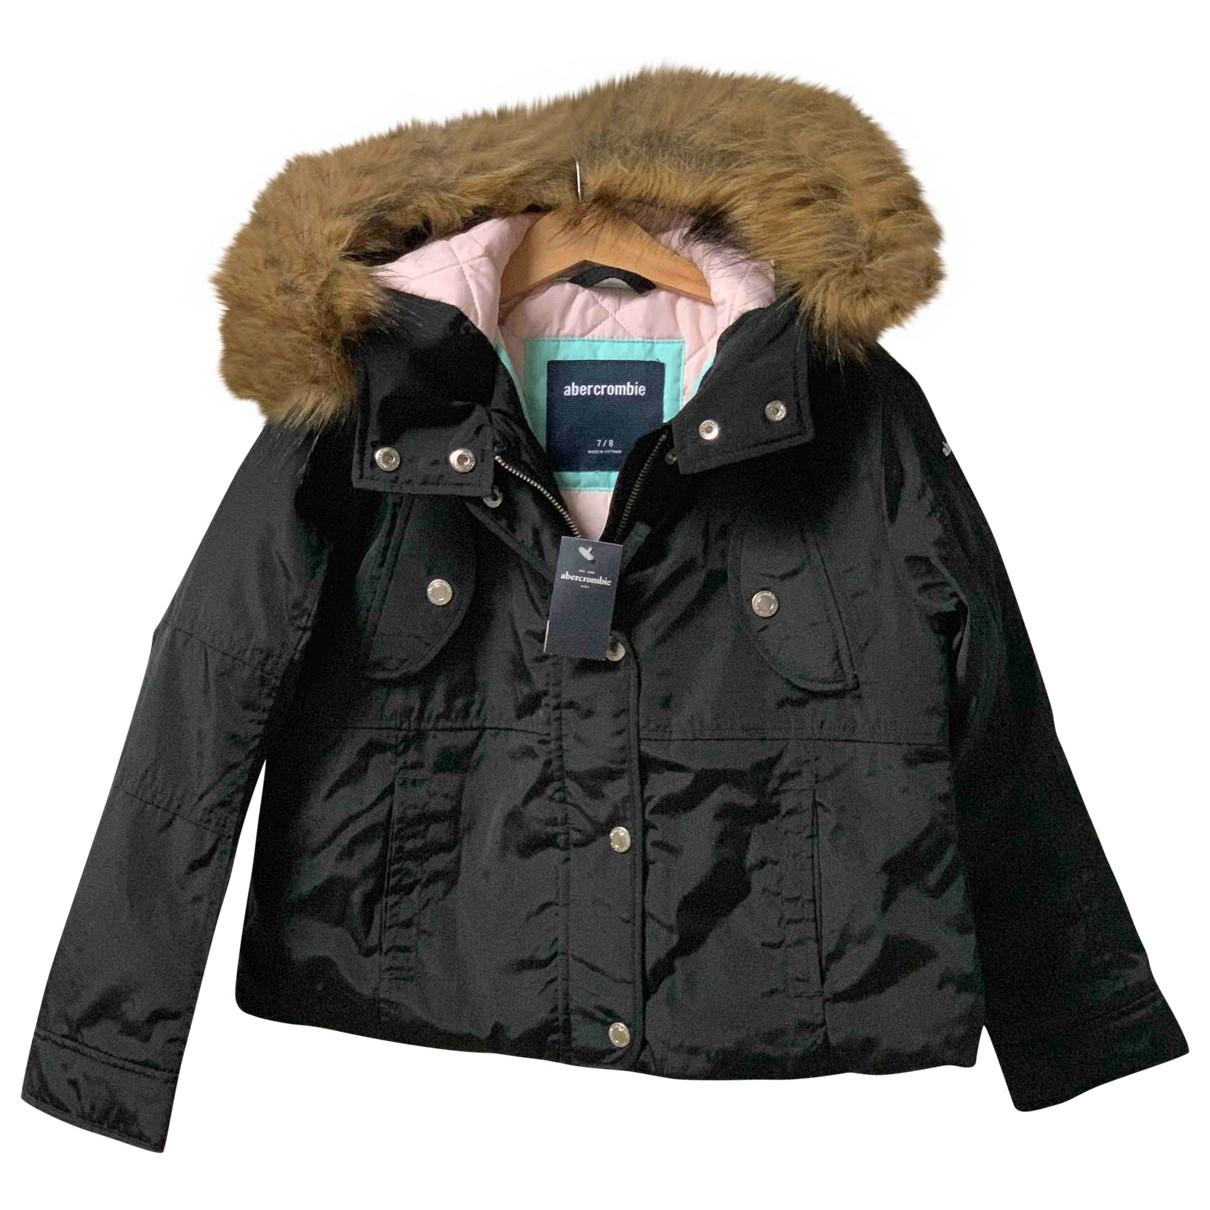 Abercrombie & Fitch - Blousons.Manteaux   pour enfant - noir